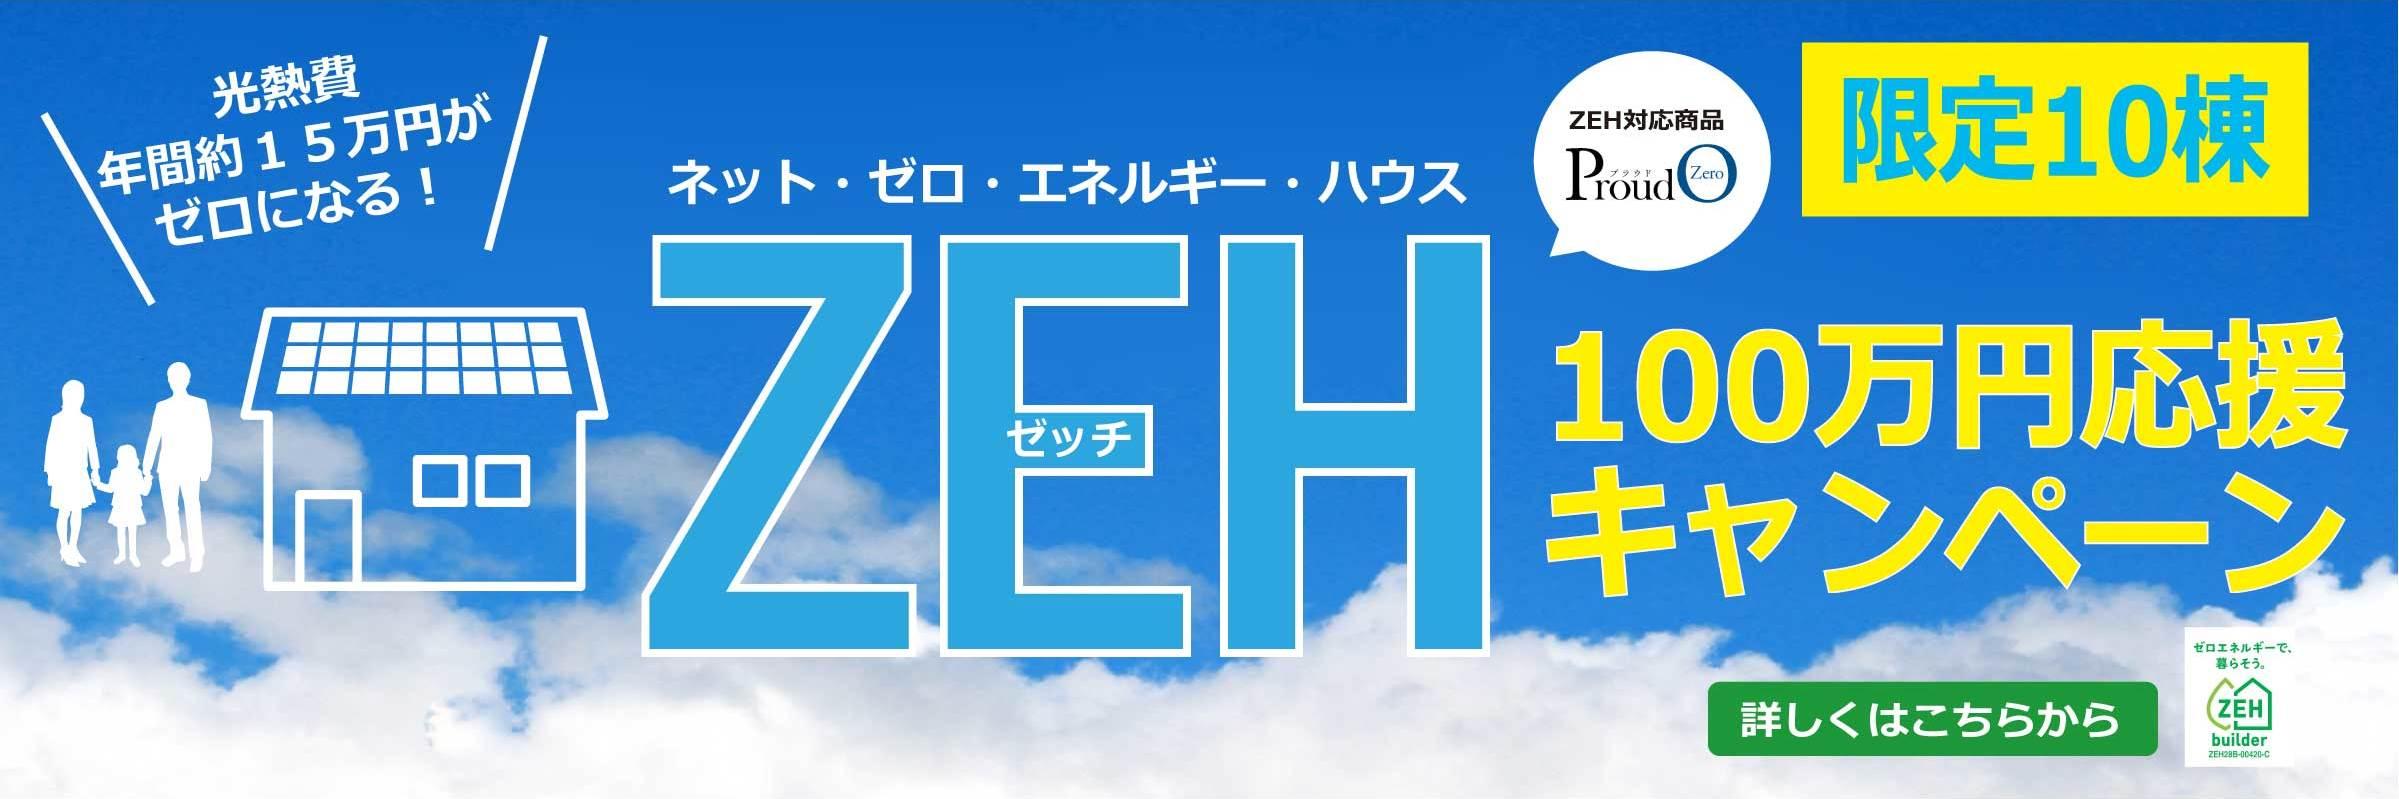 ゼロ・エネルギー・ハウスキャンペーン